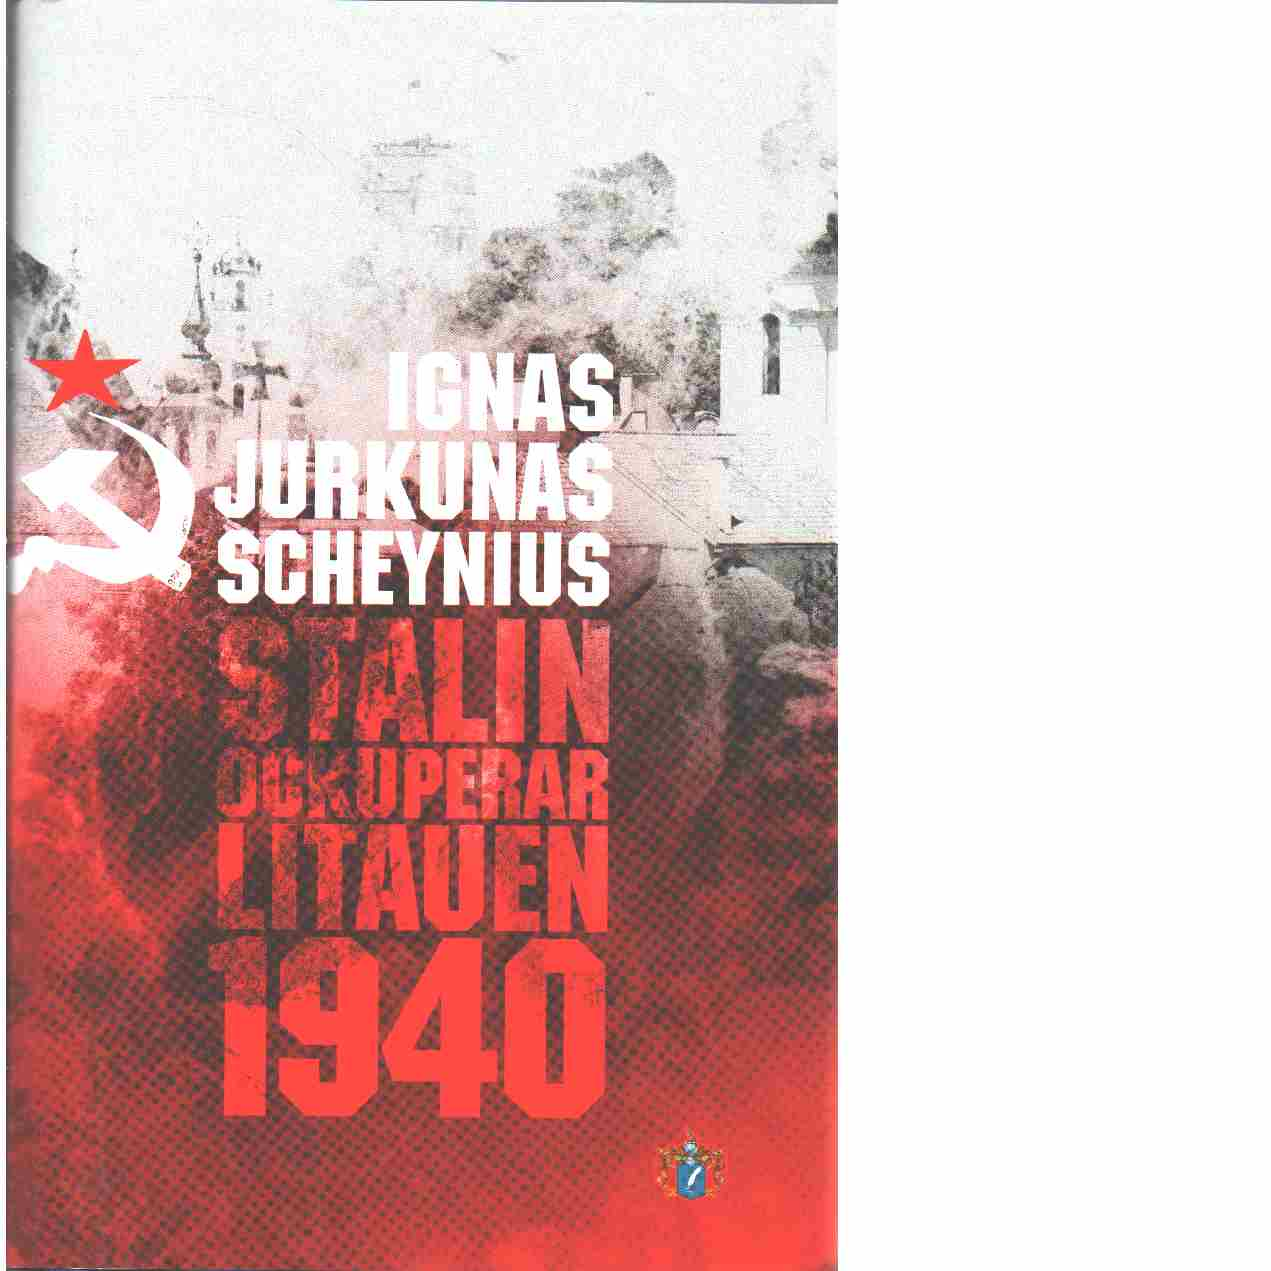 Stalin ockuperar Litauen 1940 - Jurkunas Scheynius, Ignas